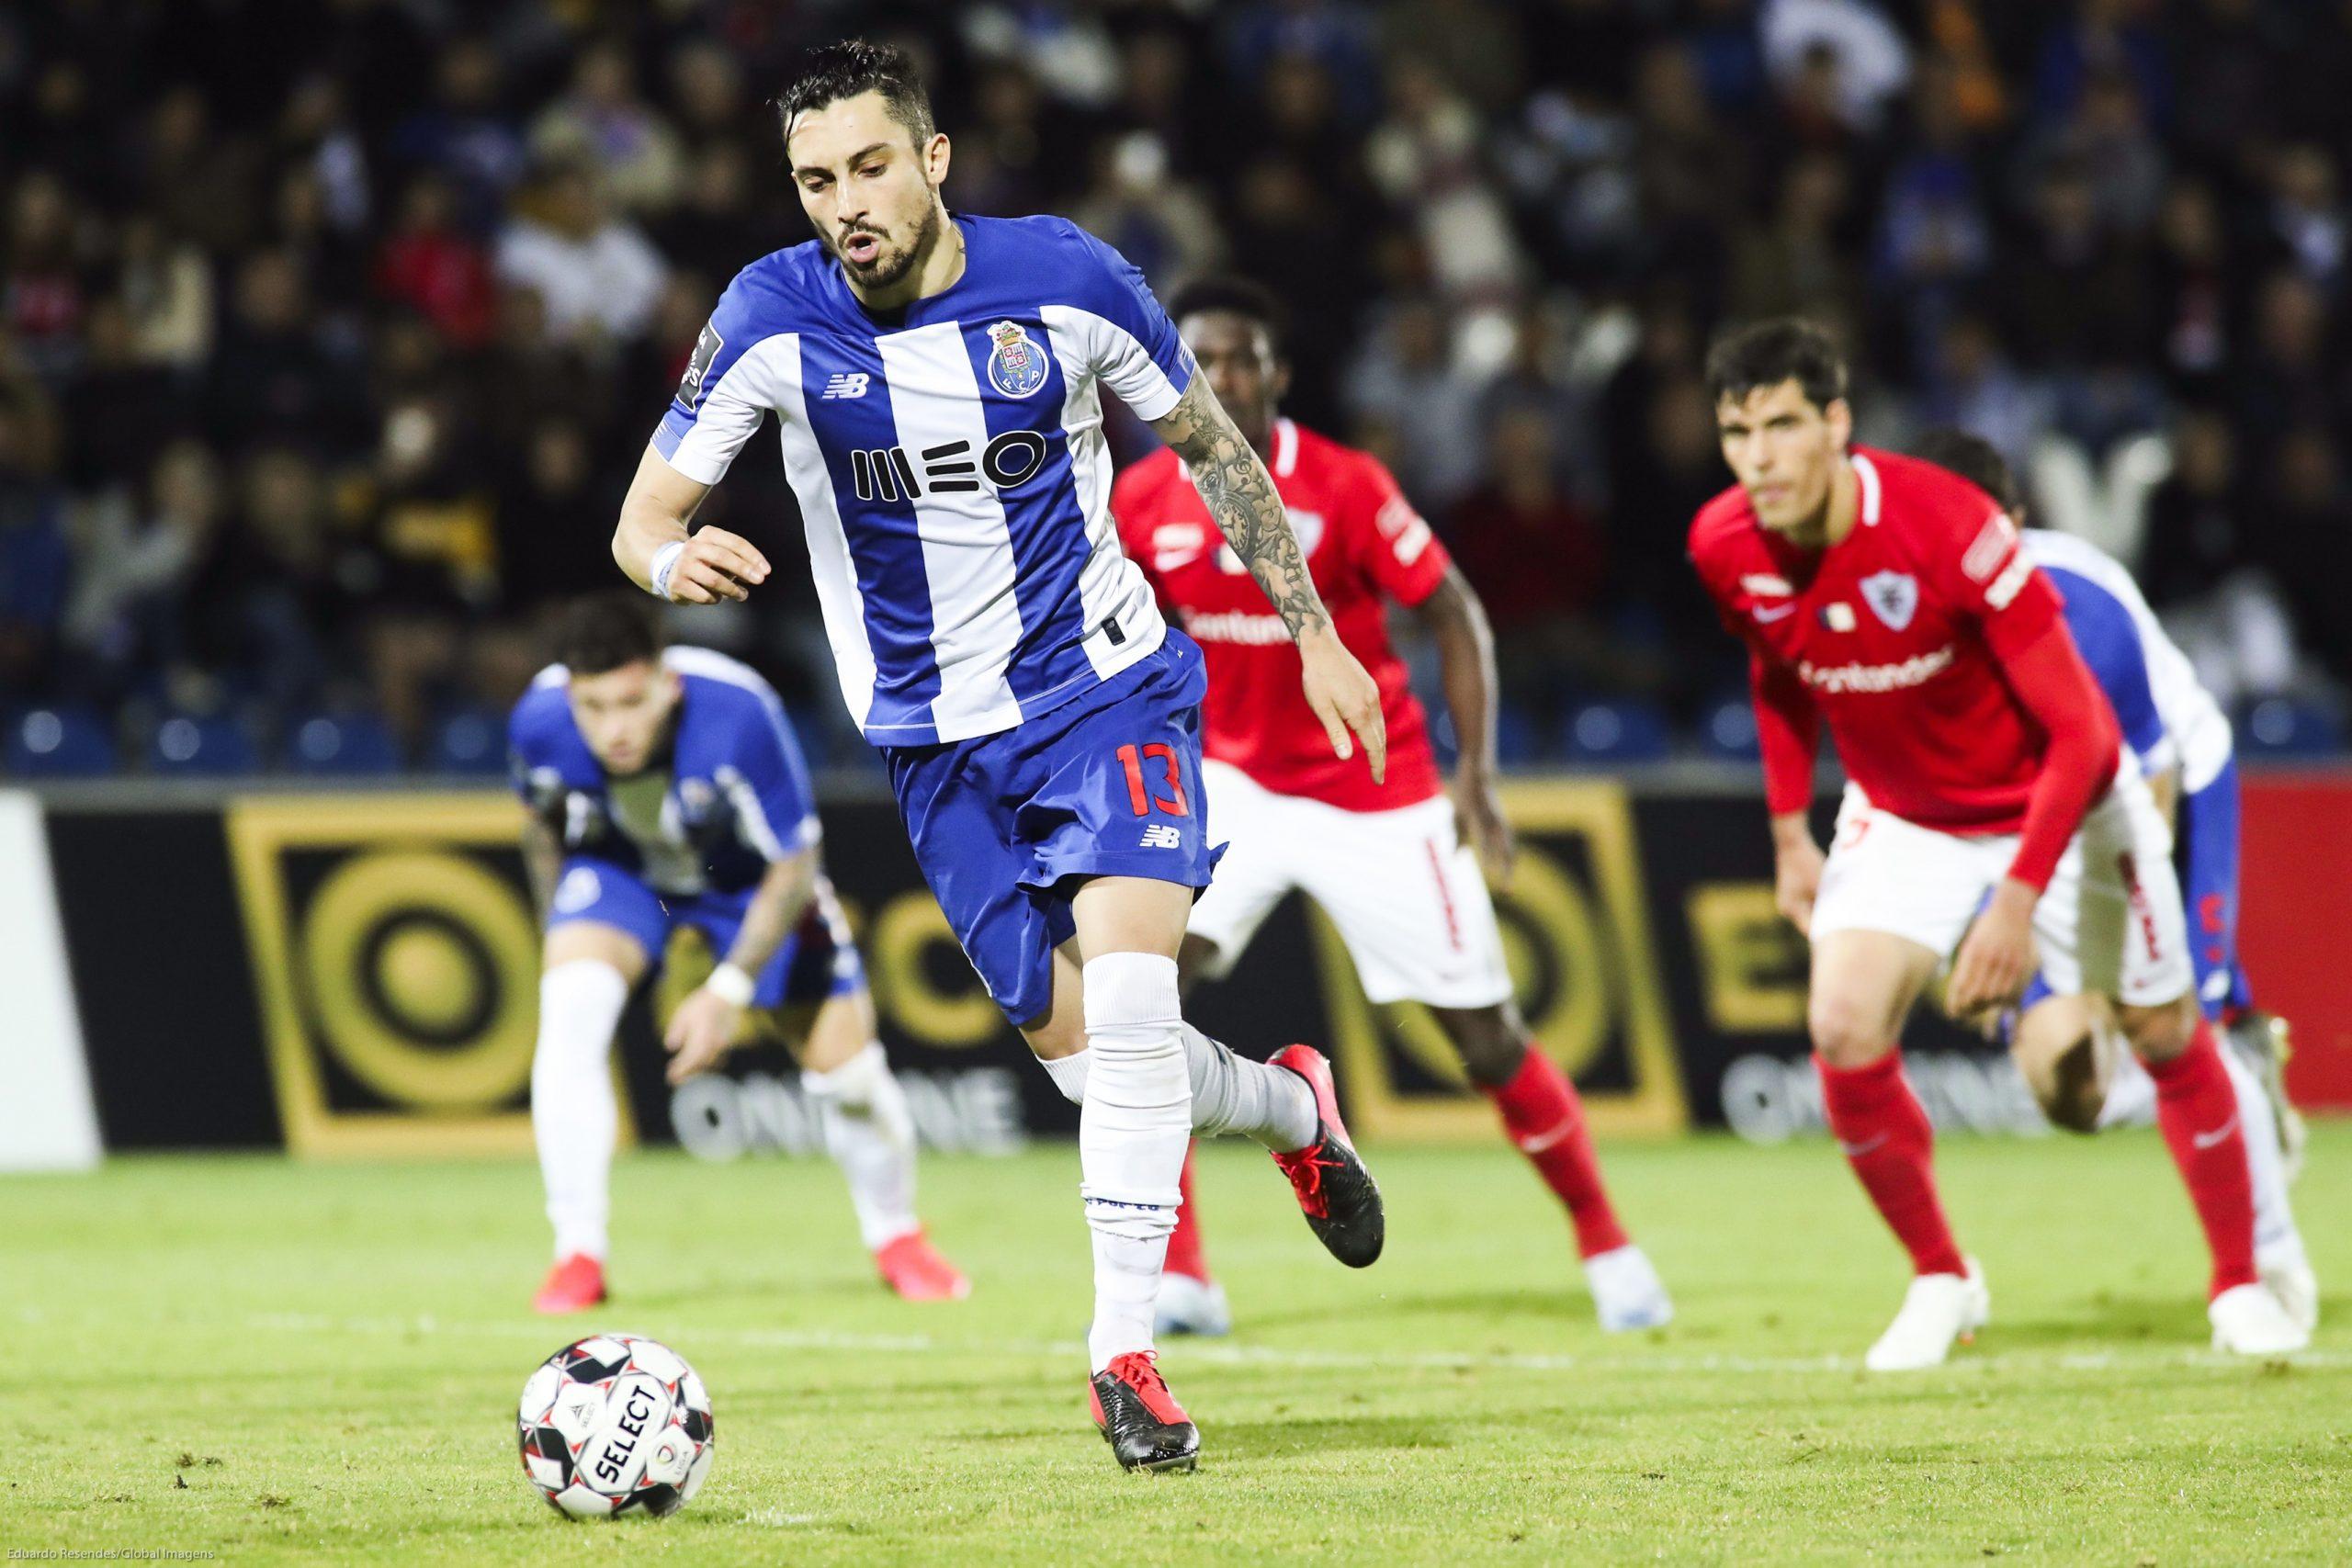 Mercato - Le PSG officiellement en négociation avec Porto pour Alex Telles, selon O Jogo